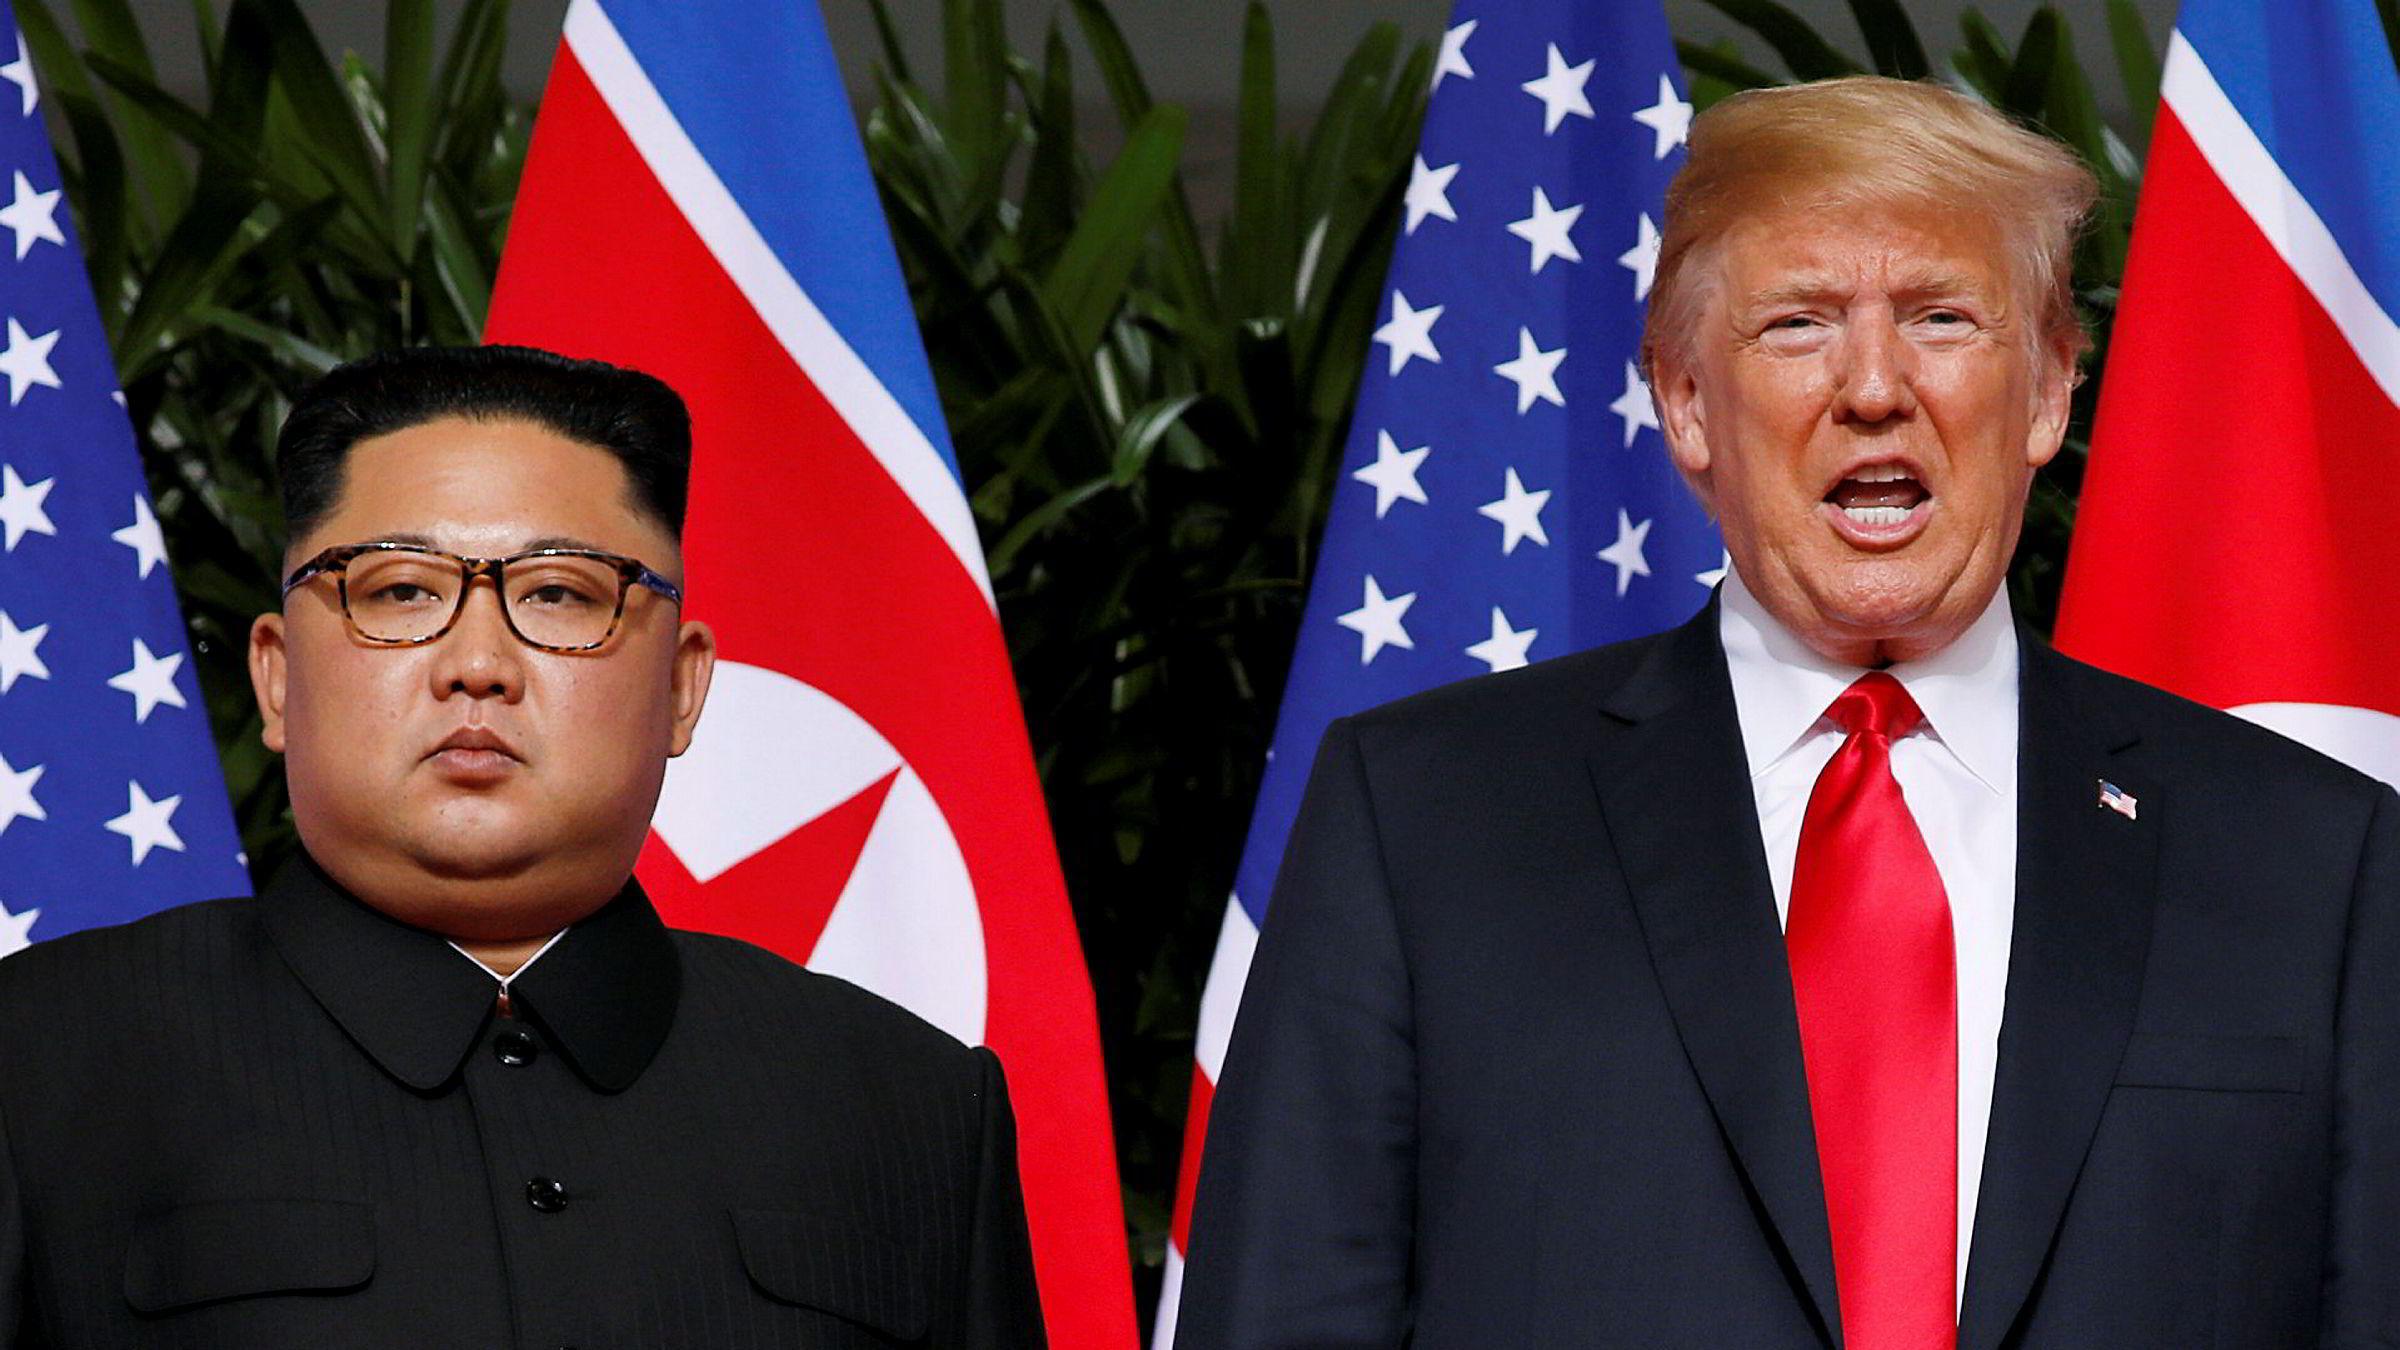 USAs president Donald Trump sammen med Nord-Koreas leder Kim Jong-un møttes tirsdag under fire øyne på Capella Hotel på øya Sentosa i Singapore.